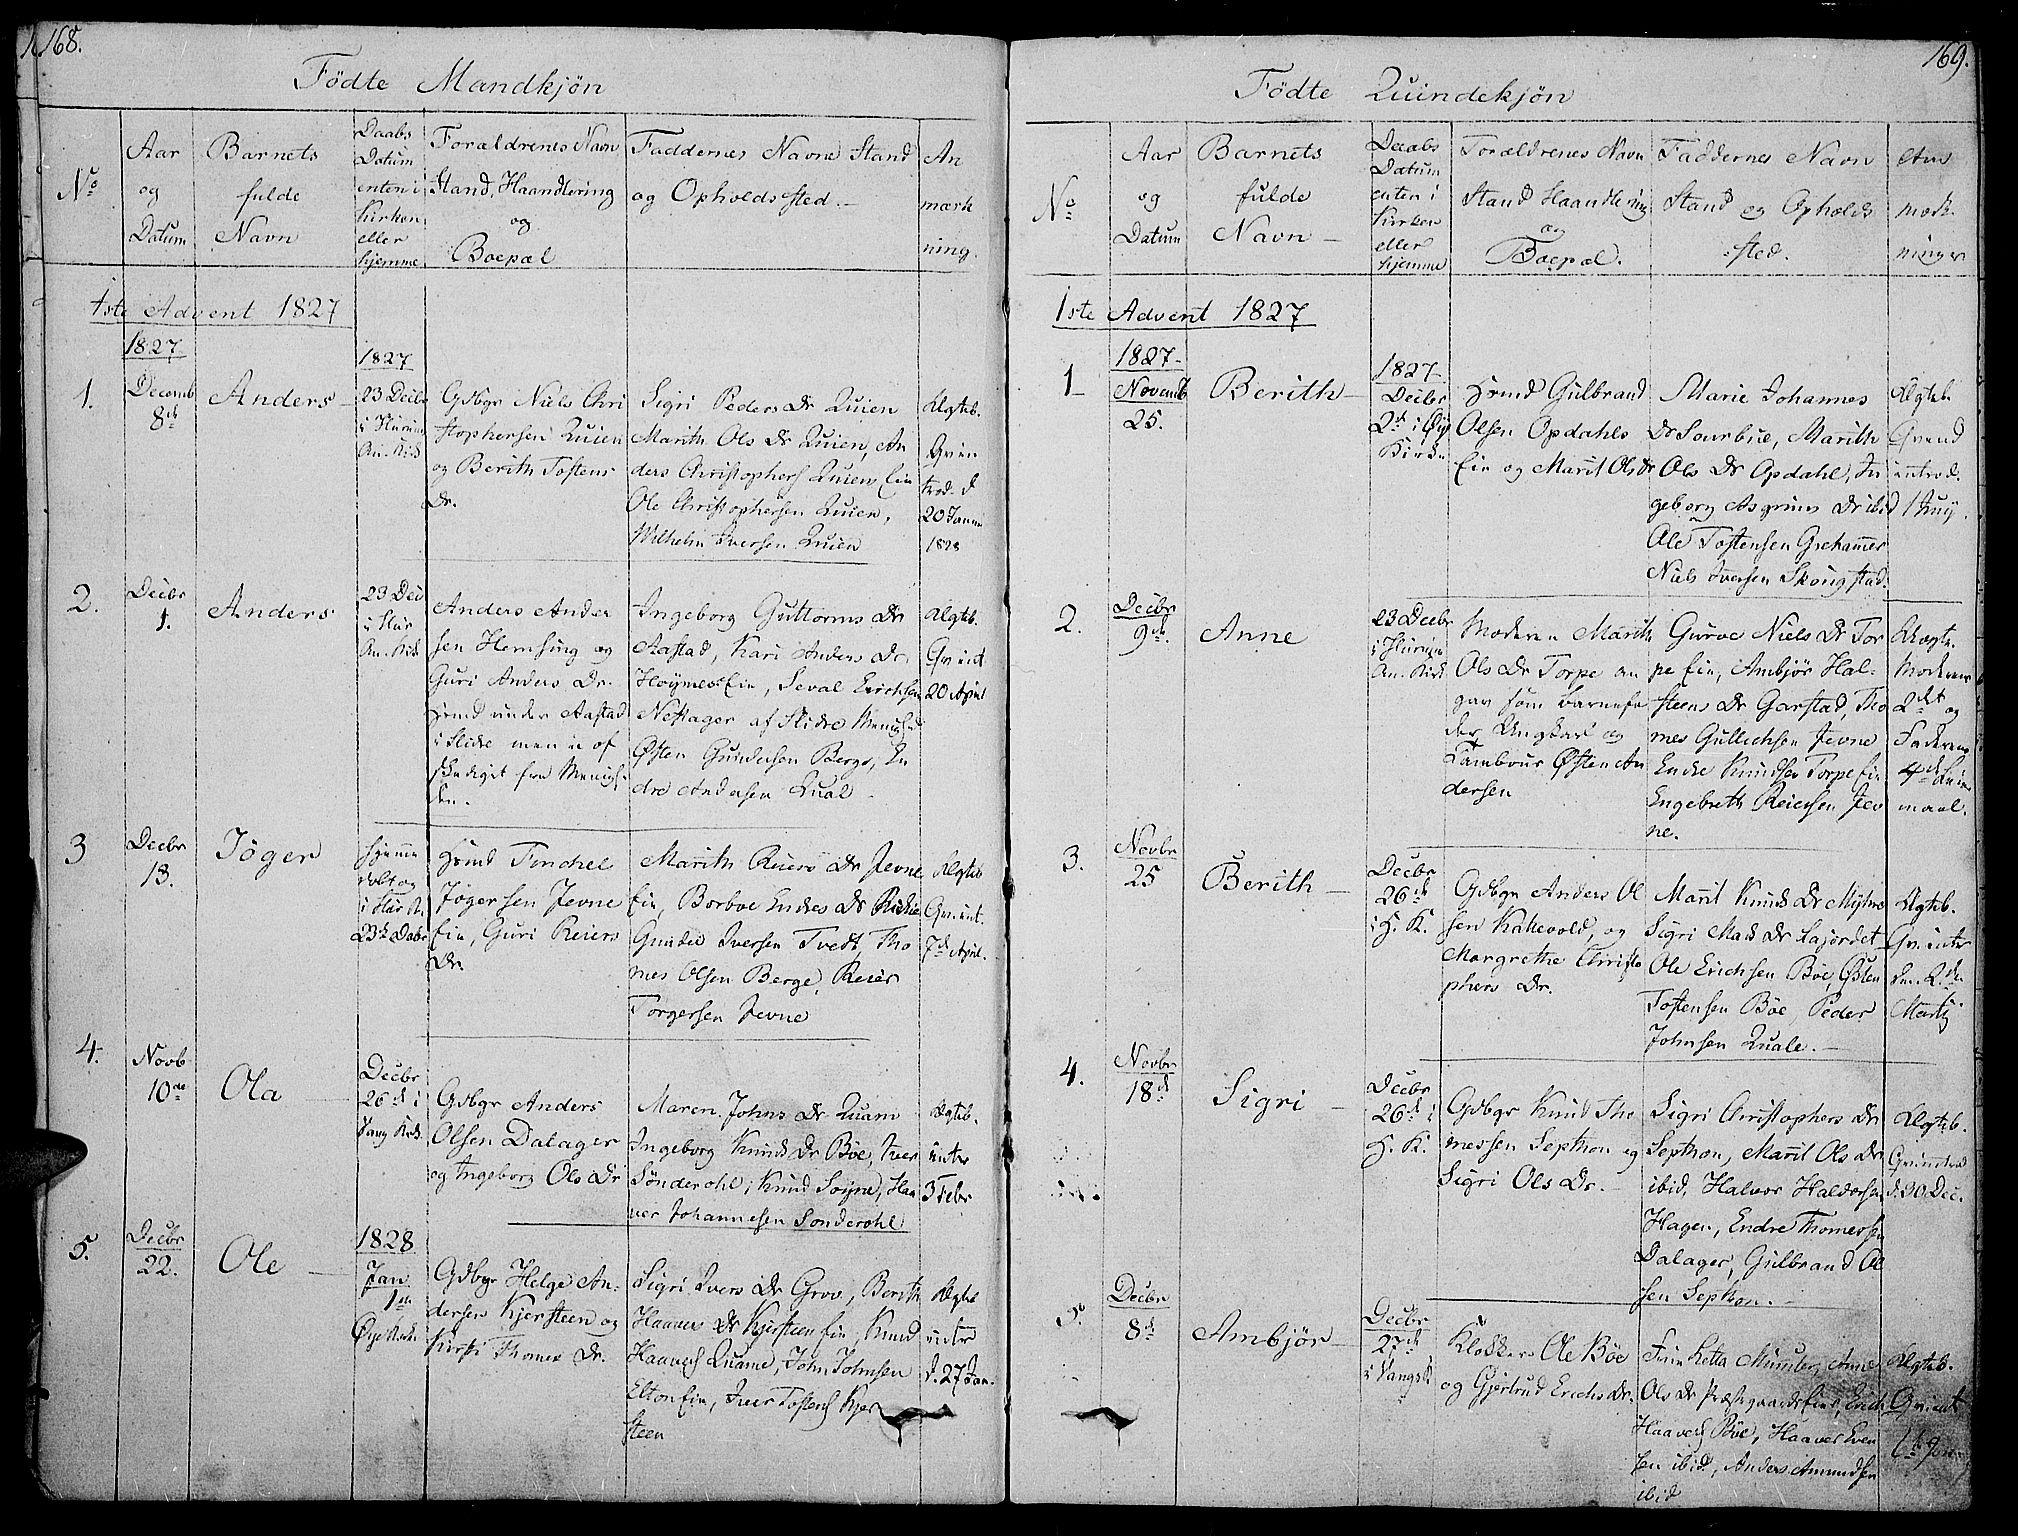 SAH, Vang prestekontor, Valdres, Ministerialbok nr. 3, 1809-1831, s. 168-169